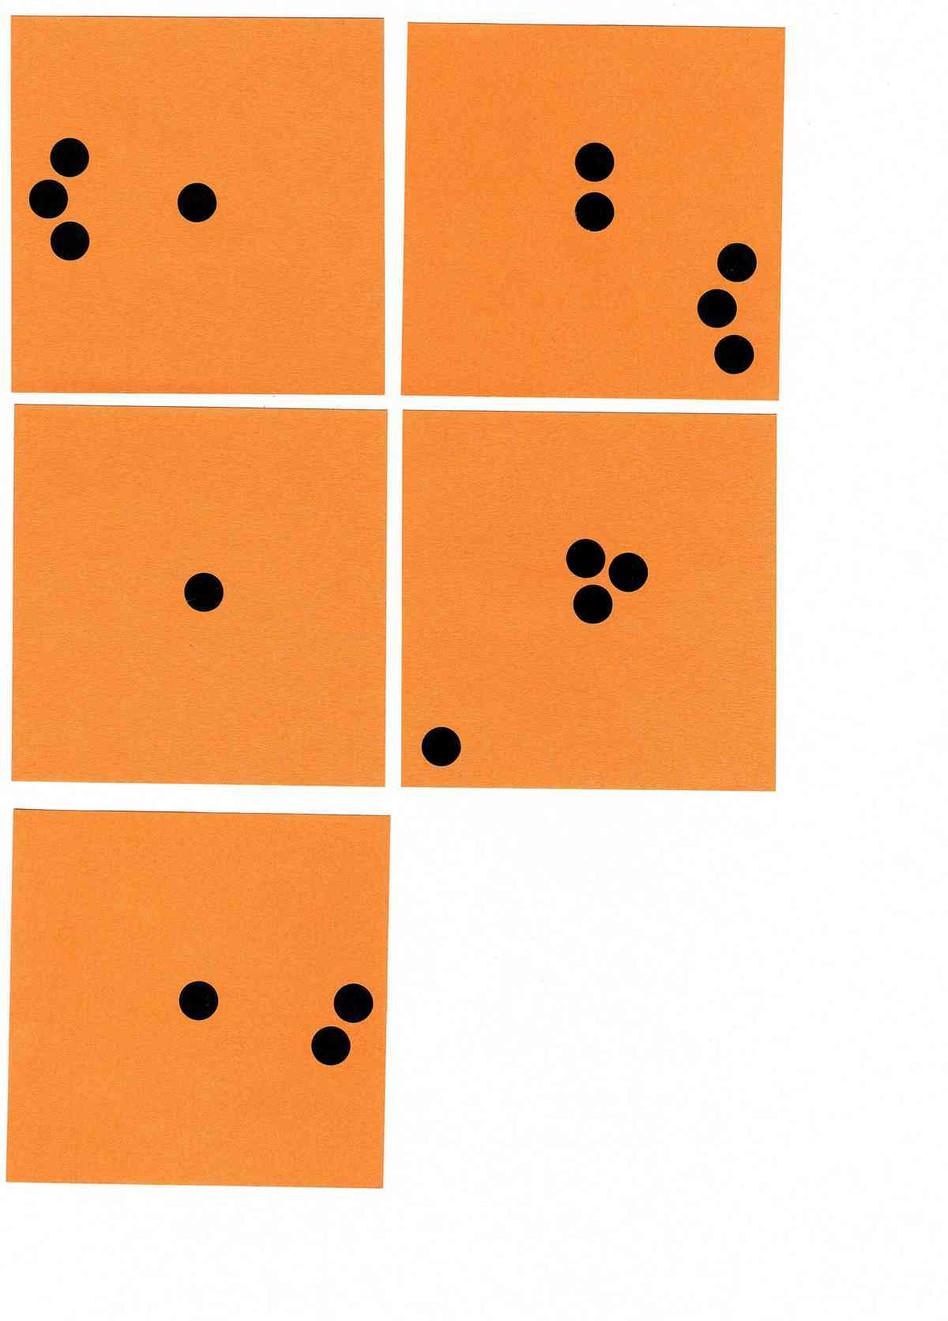 Post-it et pastilles noires - 21 x 29,7cm - 2006